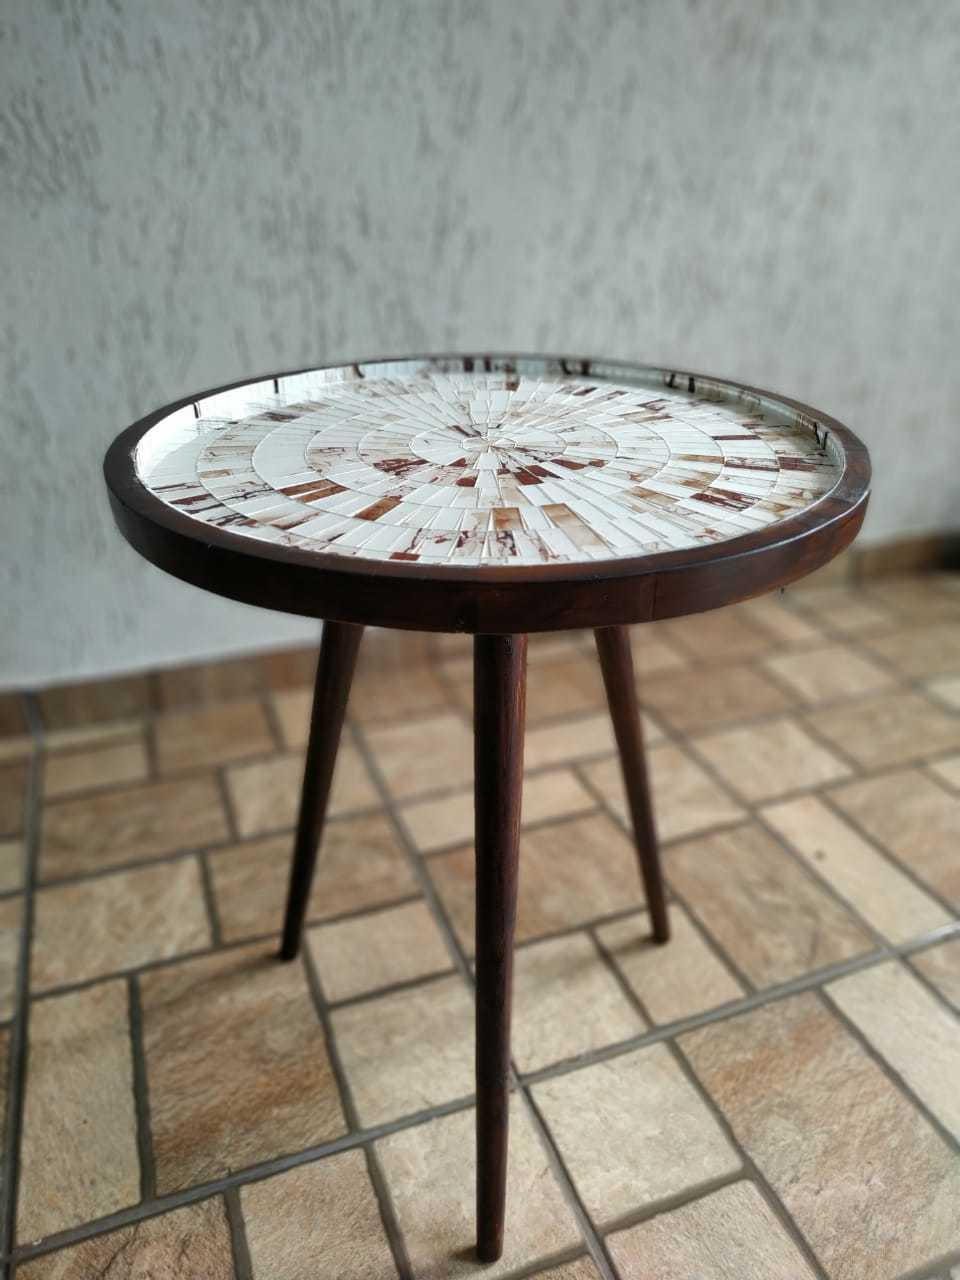 Mesa de Canto Tripé Mosaico Cor Marrom Mesclado Revestido em Vidro